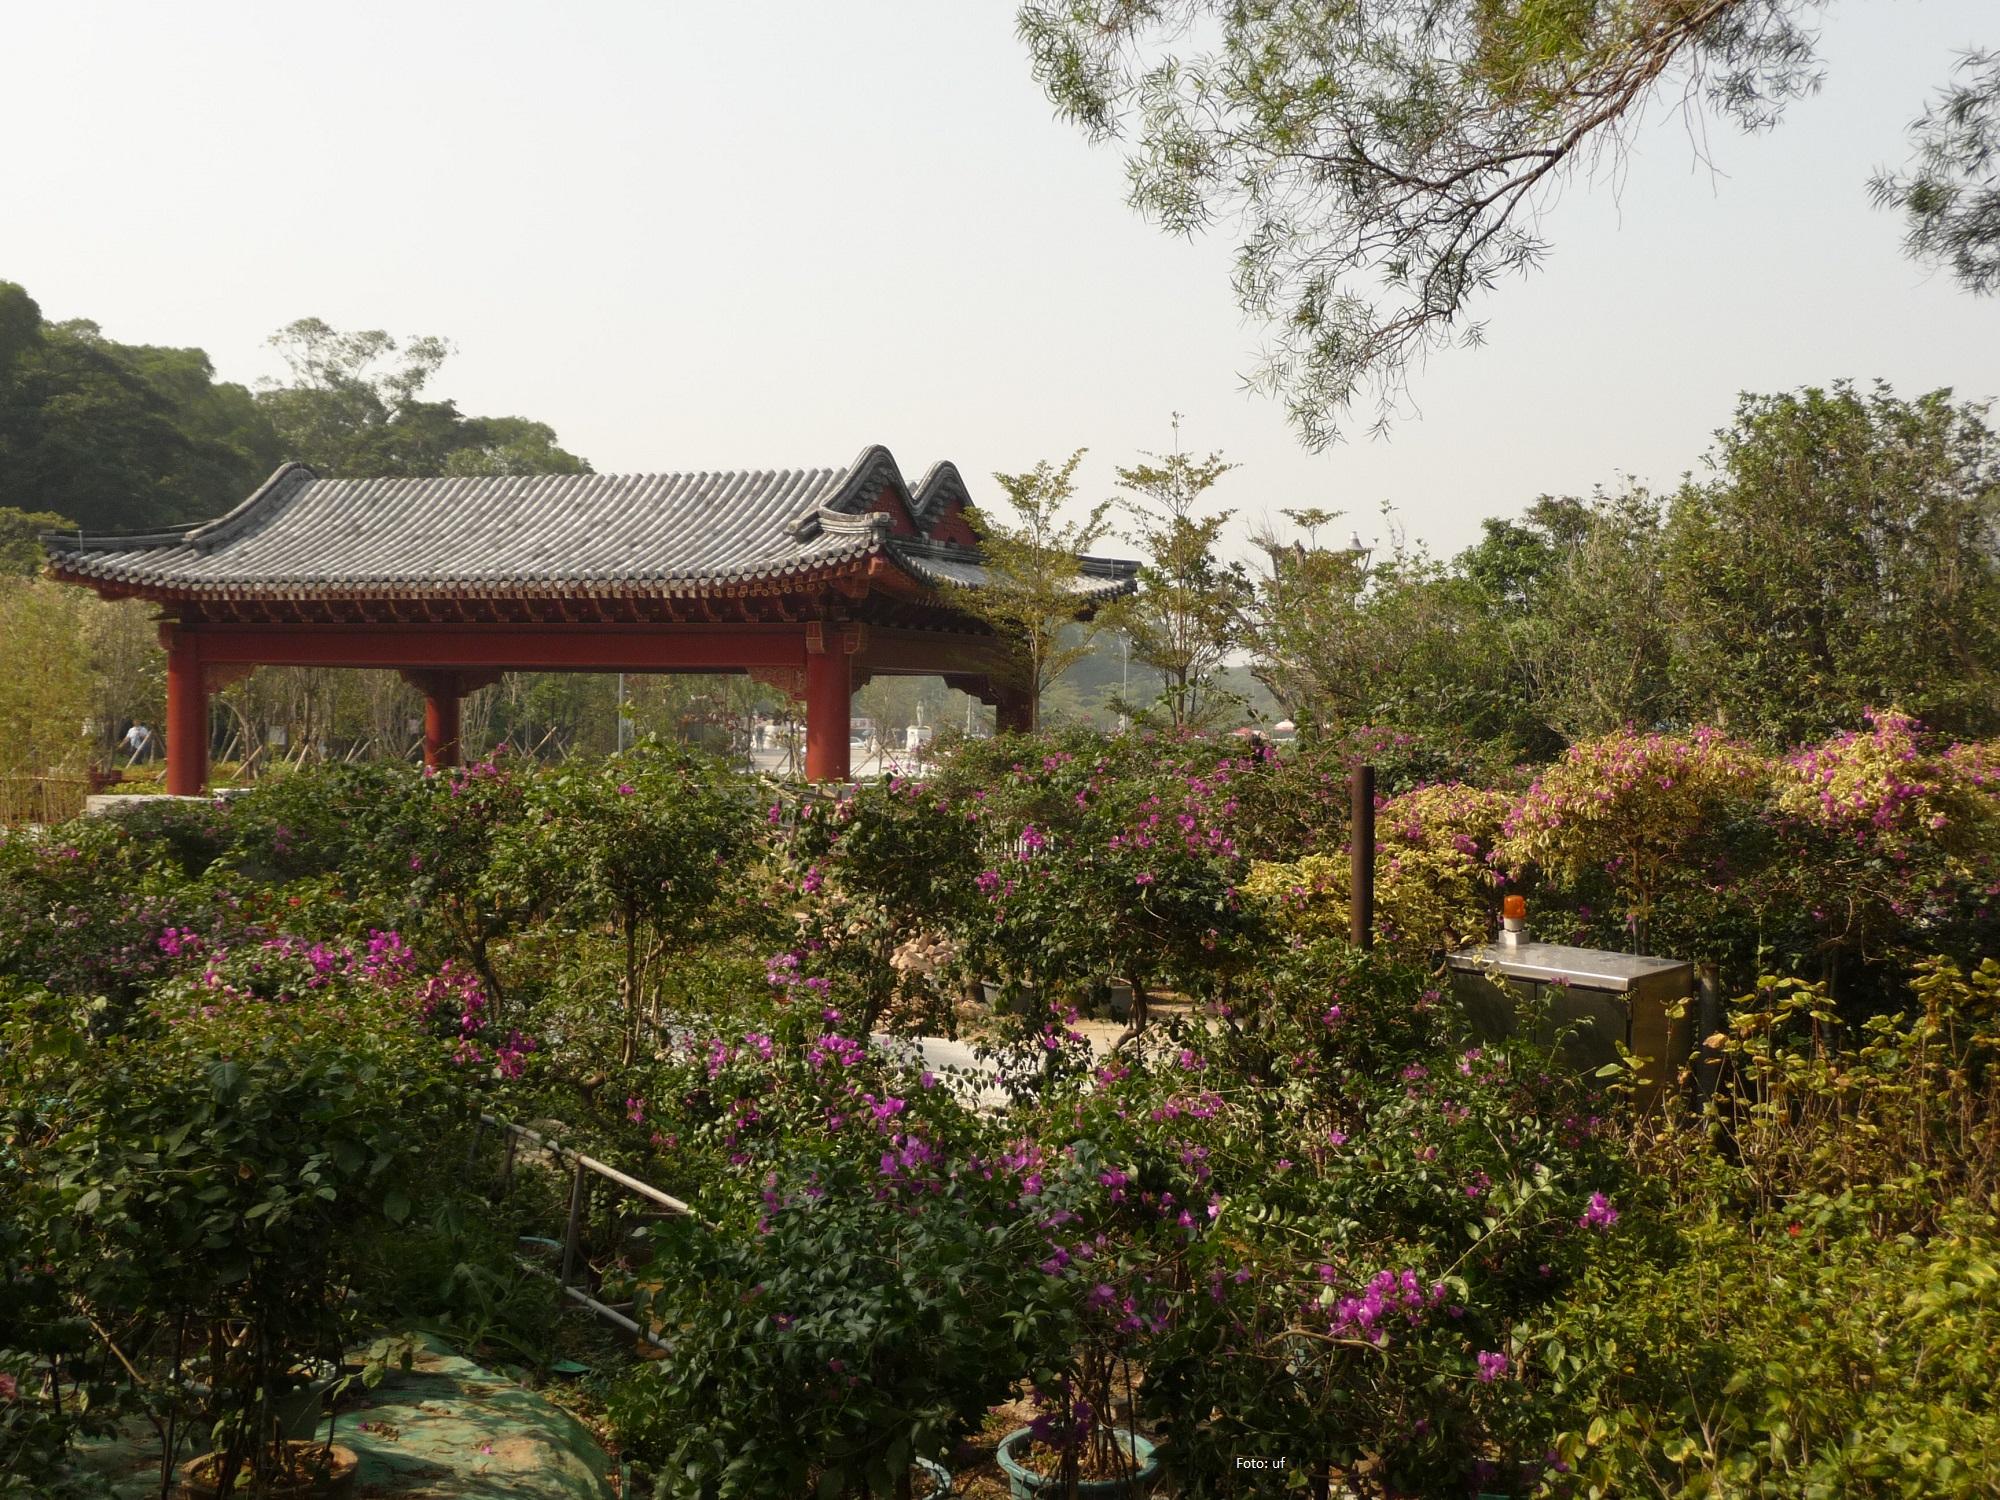 Teegarten auf Lantau westlich des Buddhas - lädt sehr zur Entspannung ein